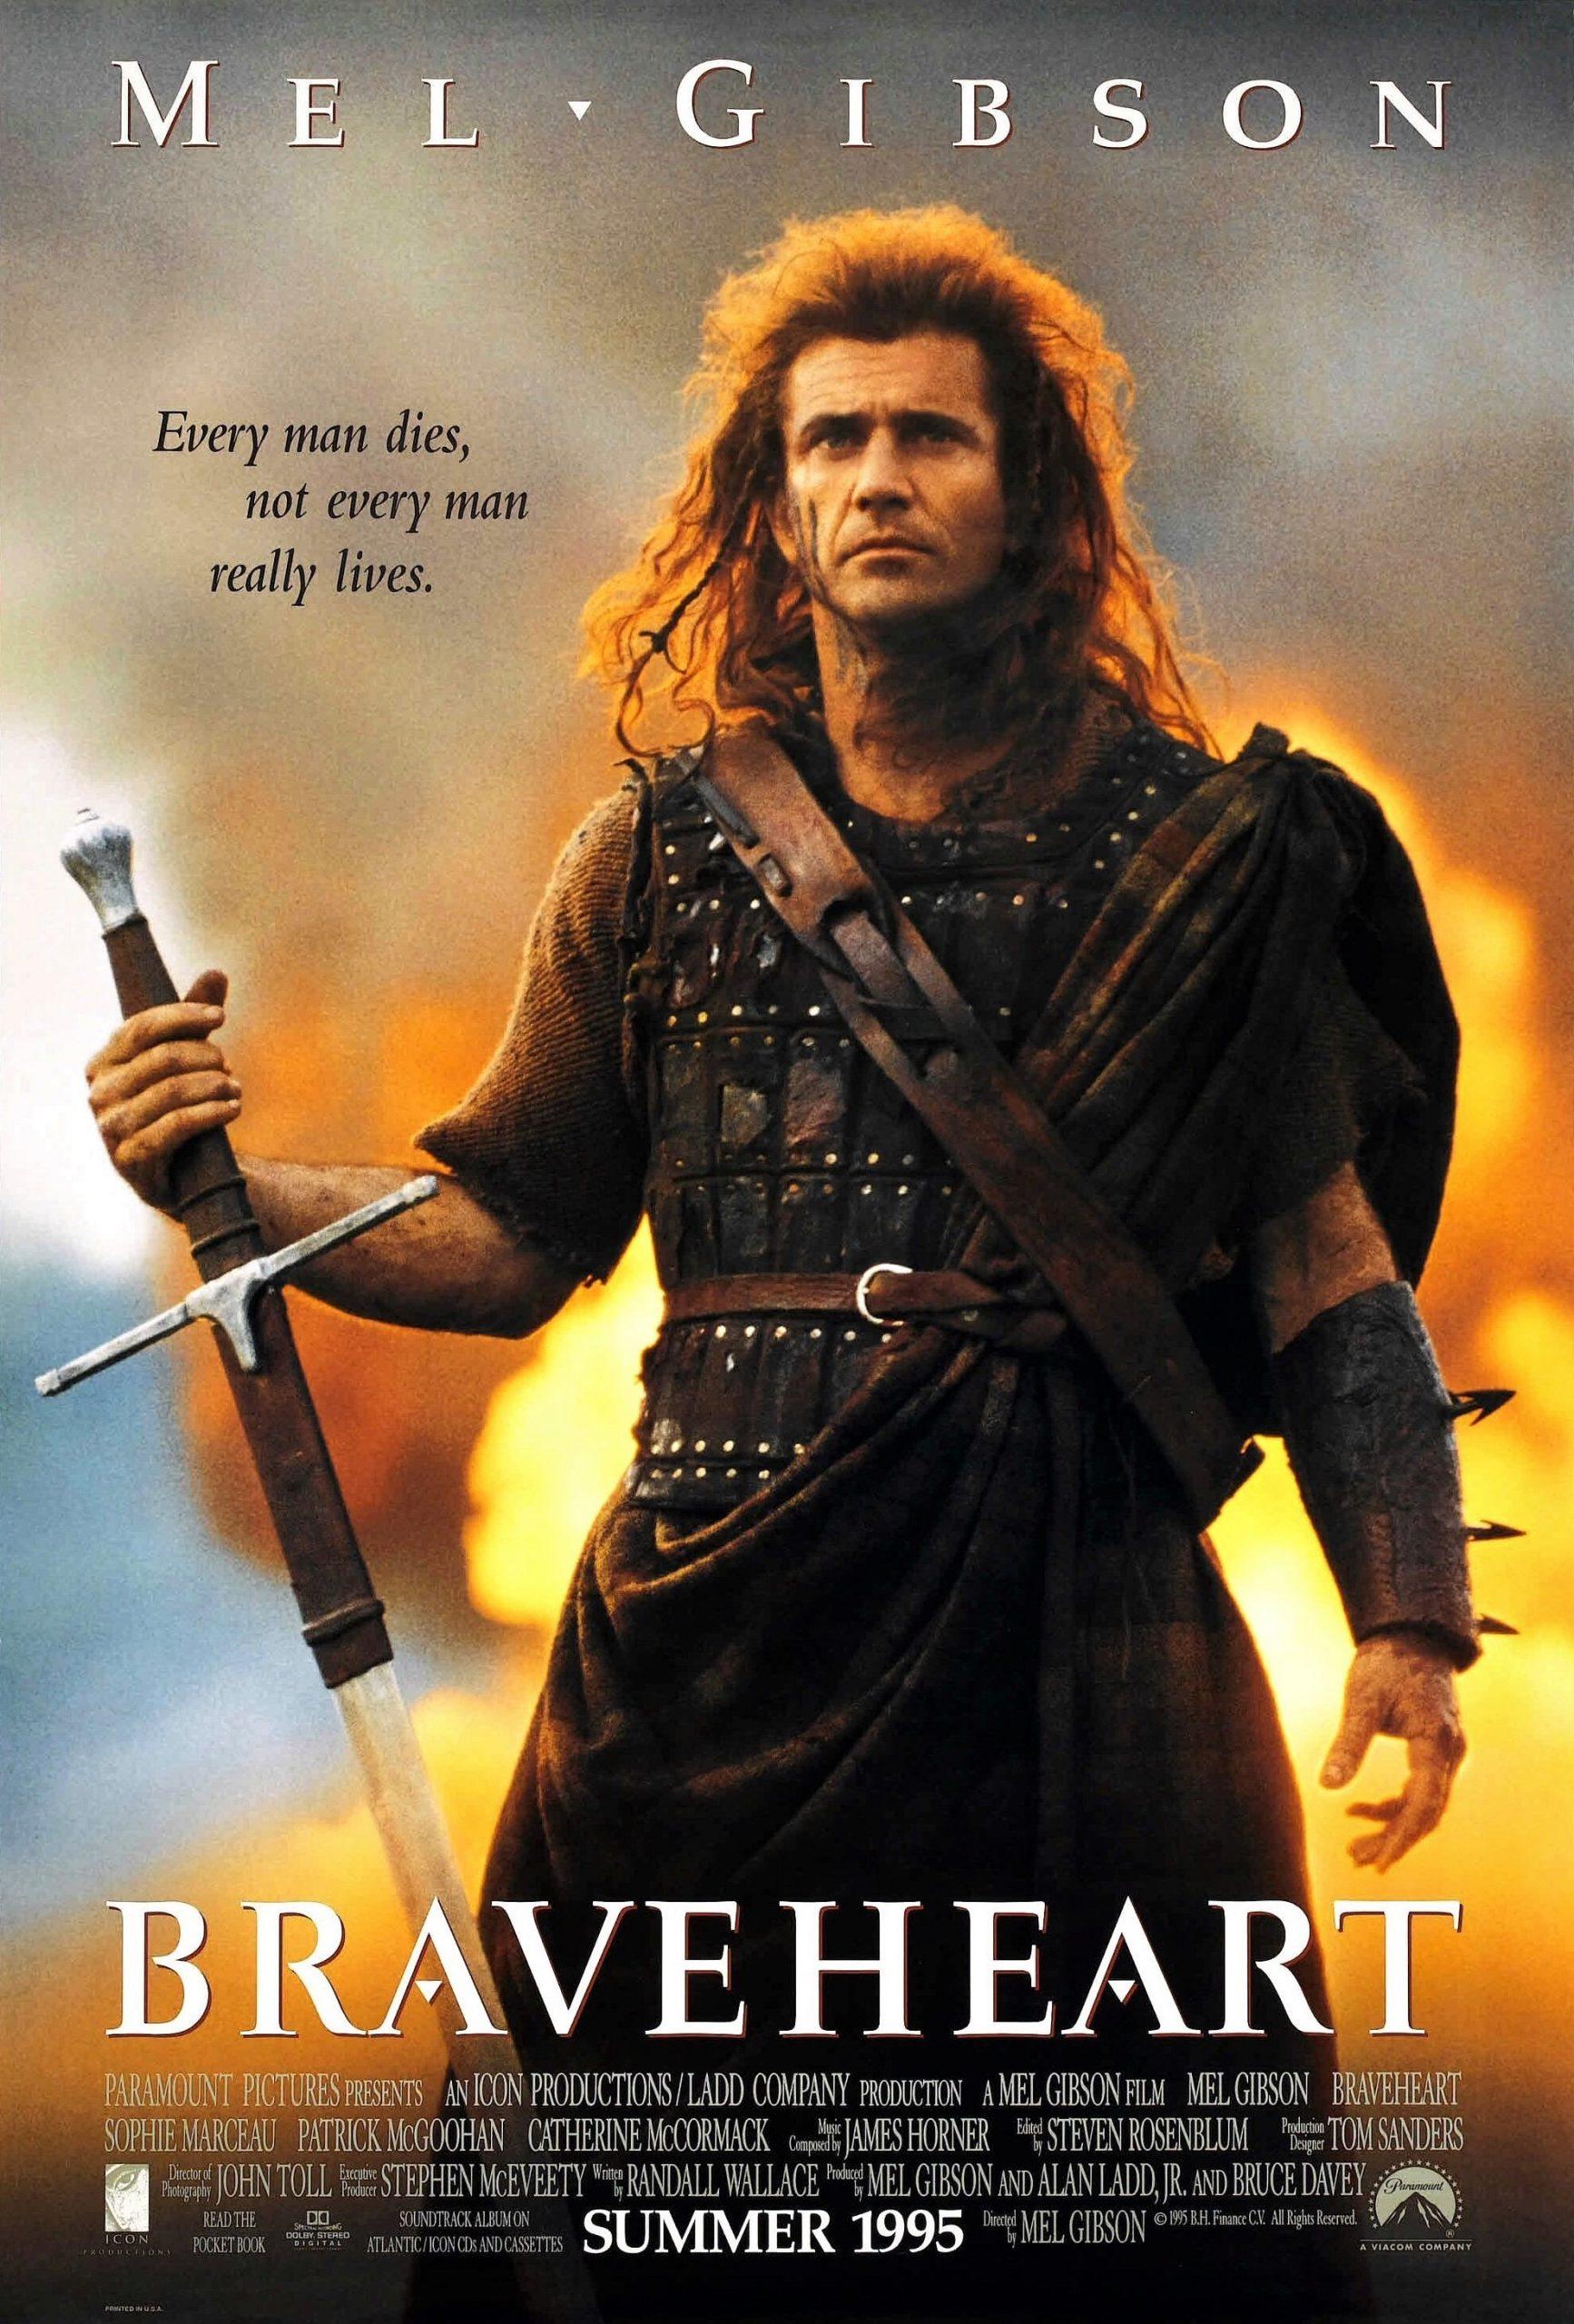 دانلود فیلمBraveheart 1995 با دوبله فارسی